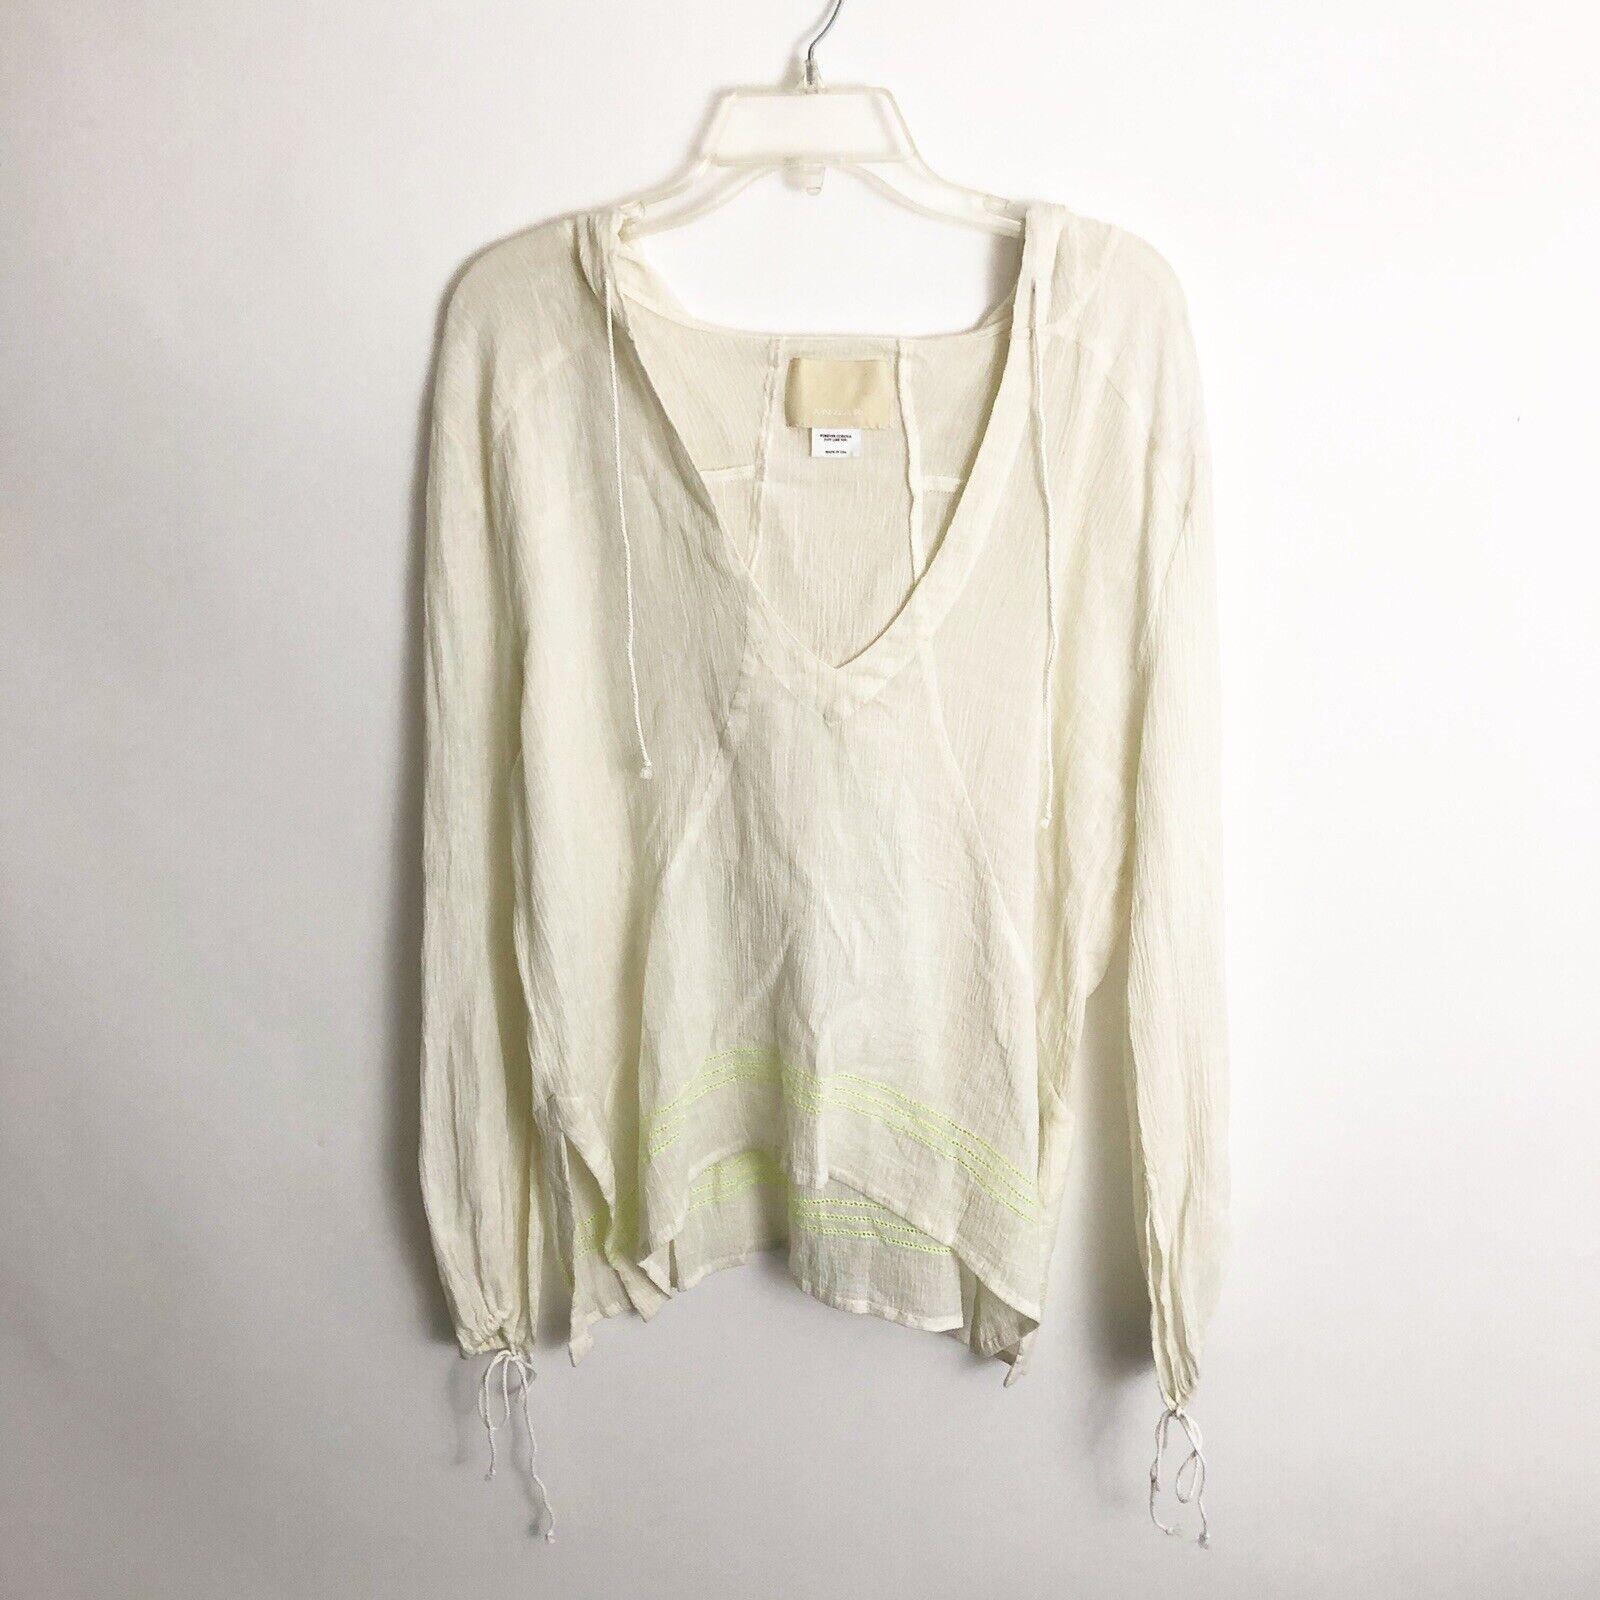 Anaak damen Beach Swim Coverup Shirt One Größe Ivory Neon Gelb Embroiderot